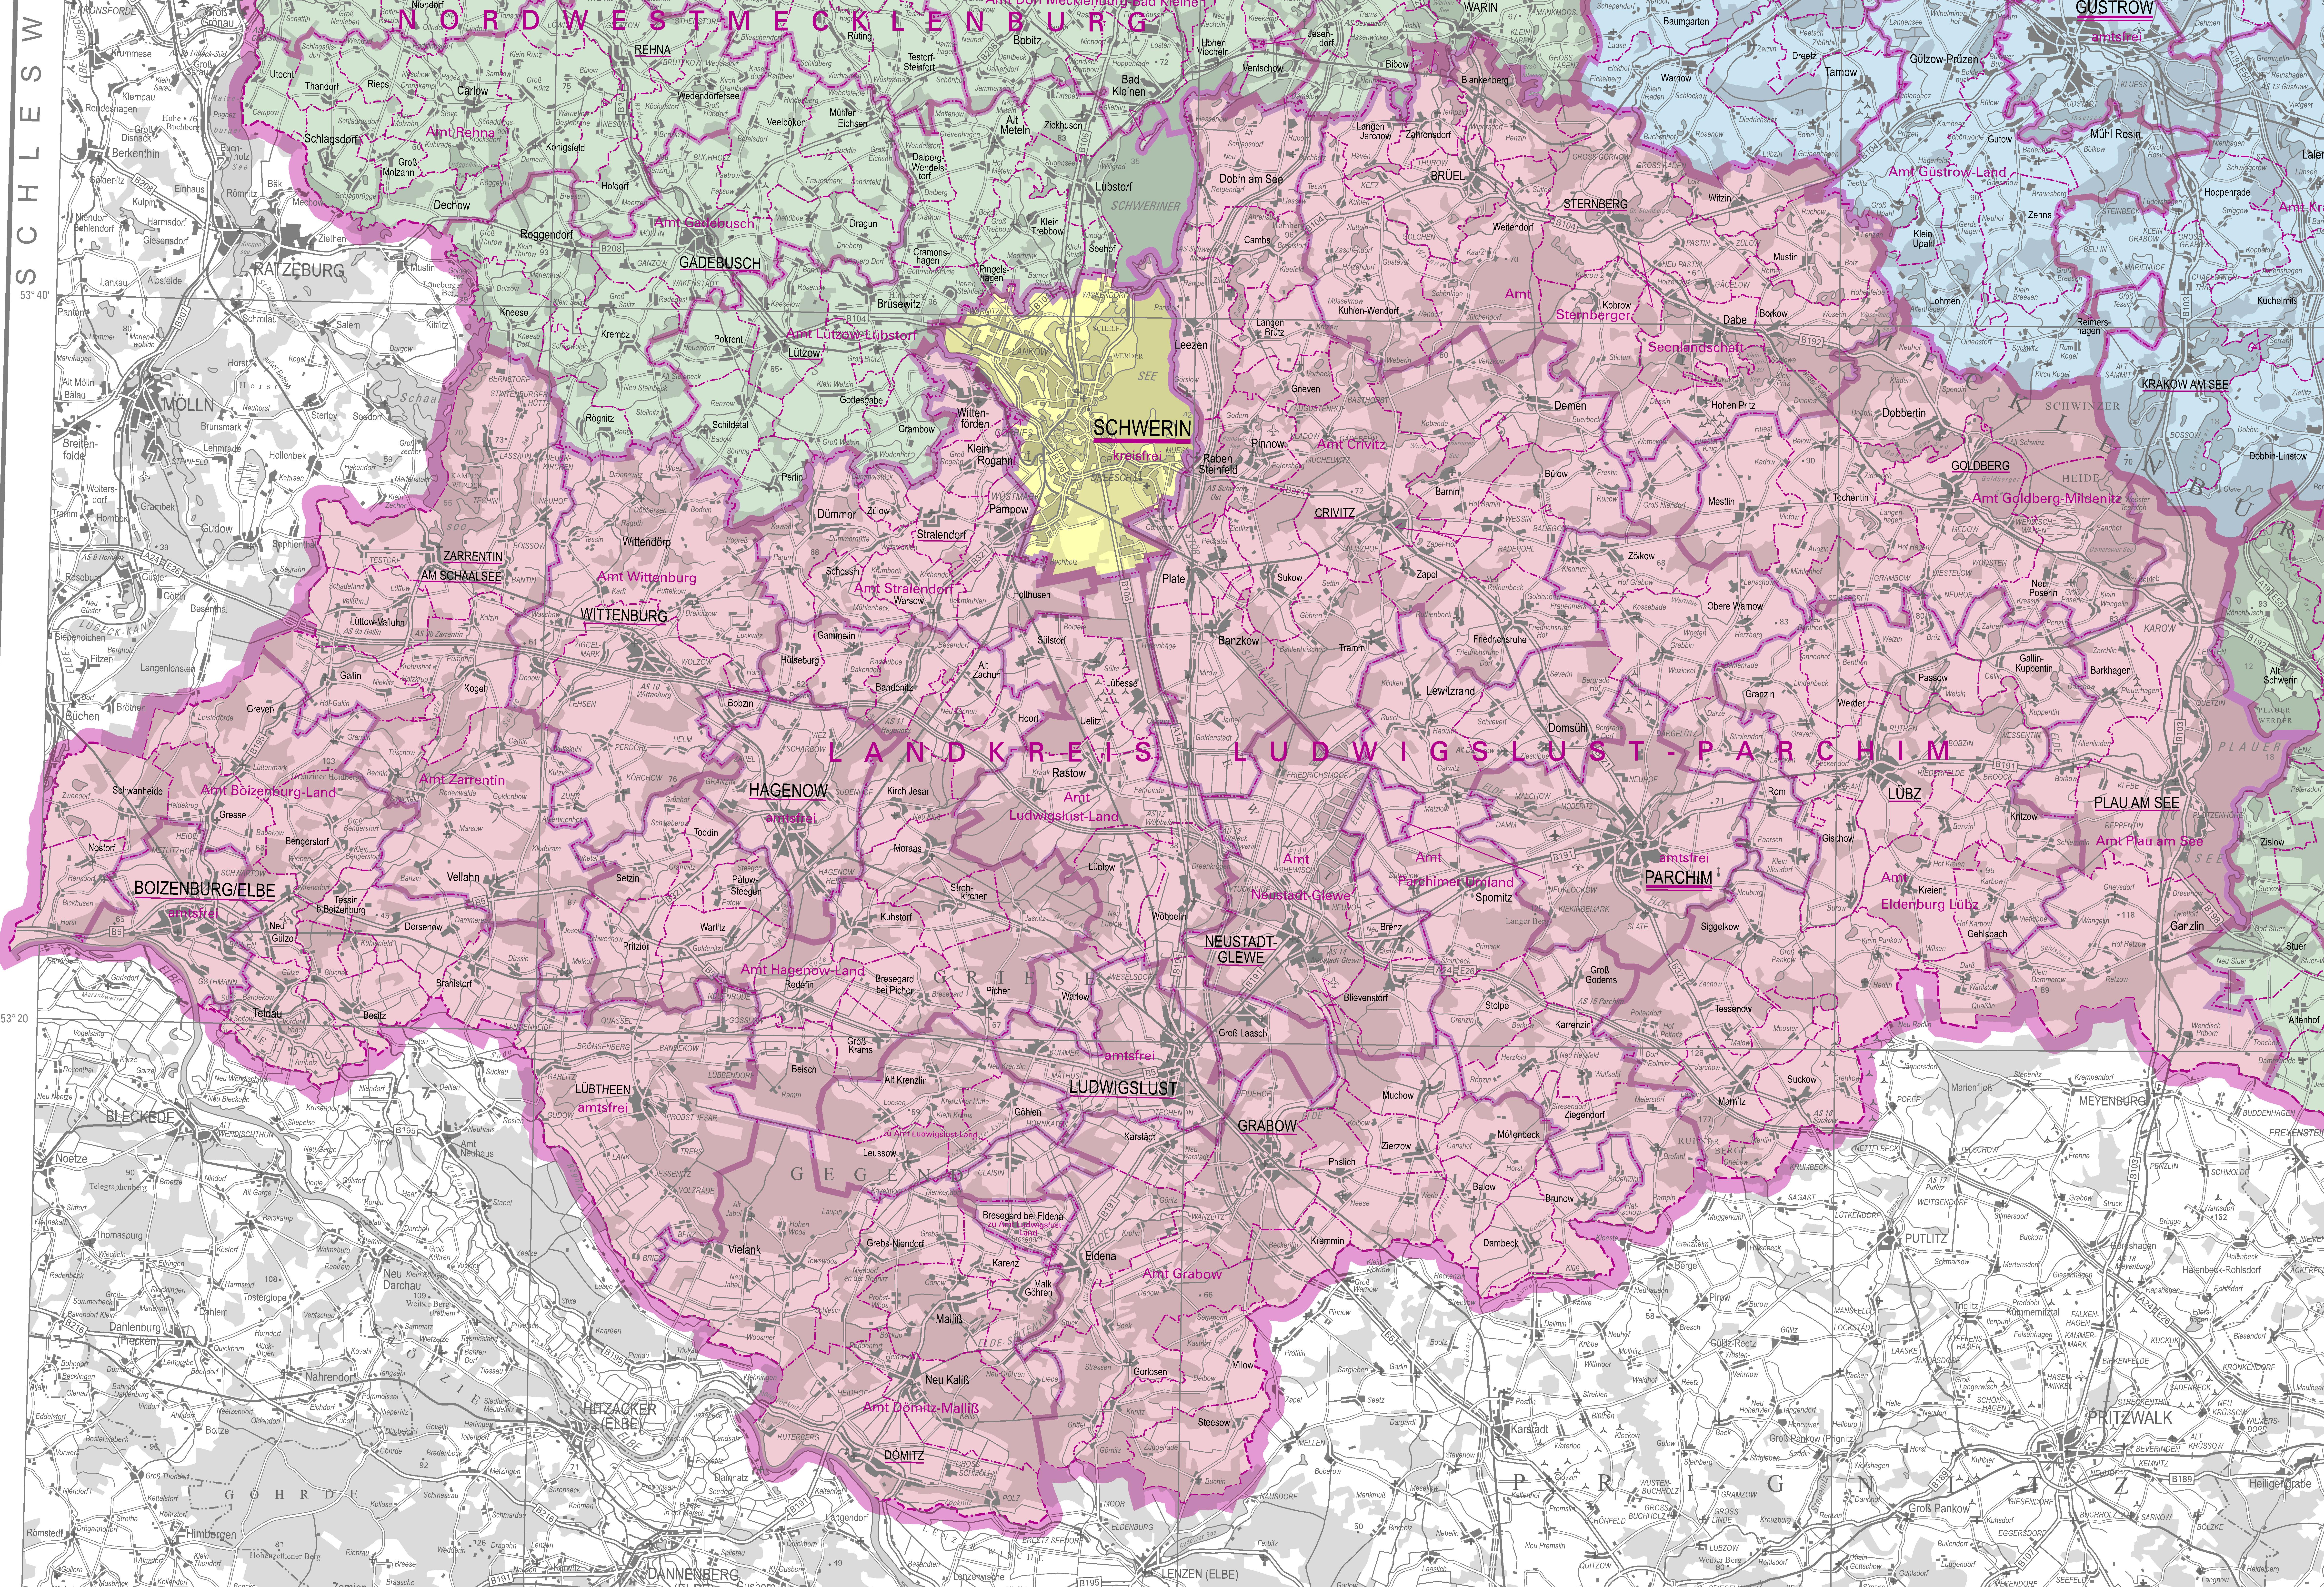 Landkreis Ludwigslust Parchim Karte